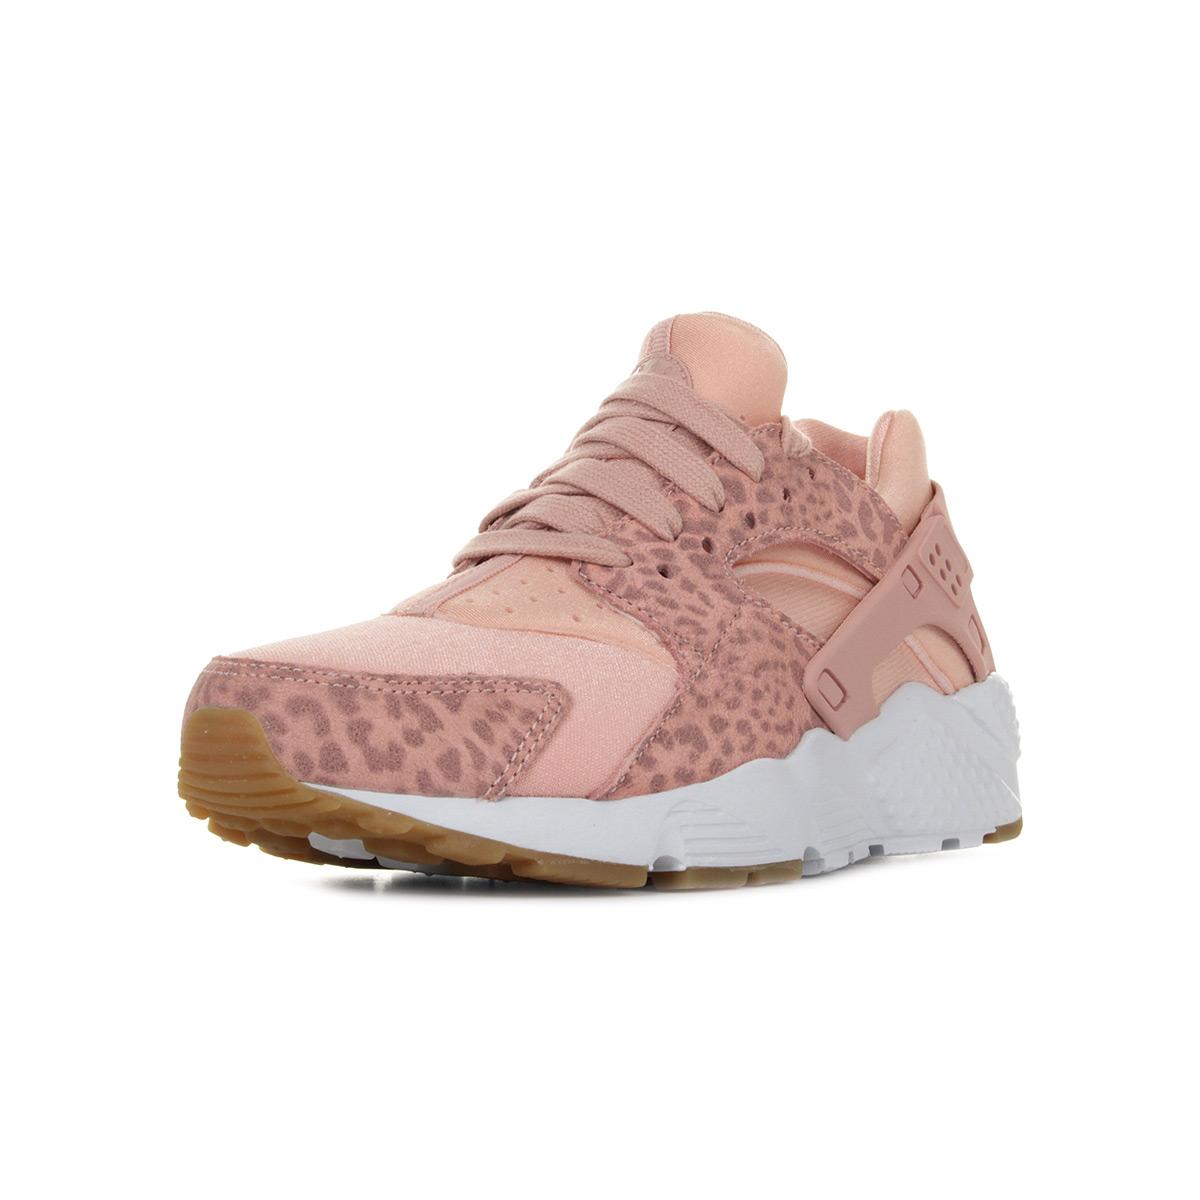 sports shoes 66028 5689f Chaussures Baskets Nike femme Huarache Run Run Run SE taille Rose Cuir    Durable   Exquis